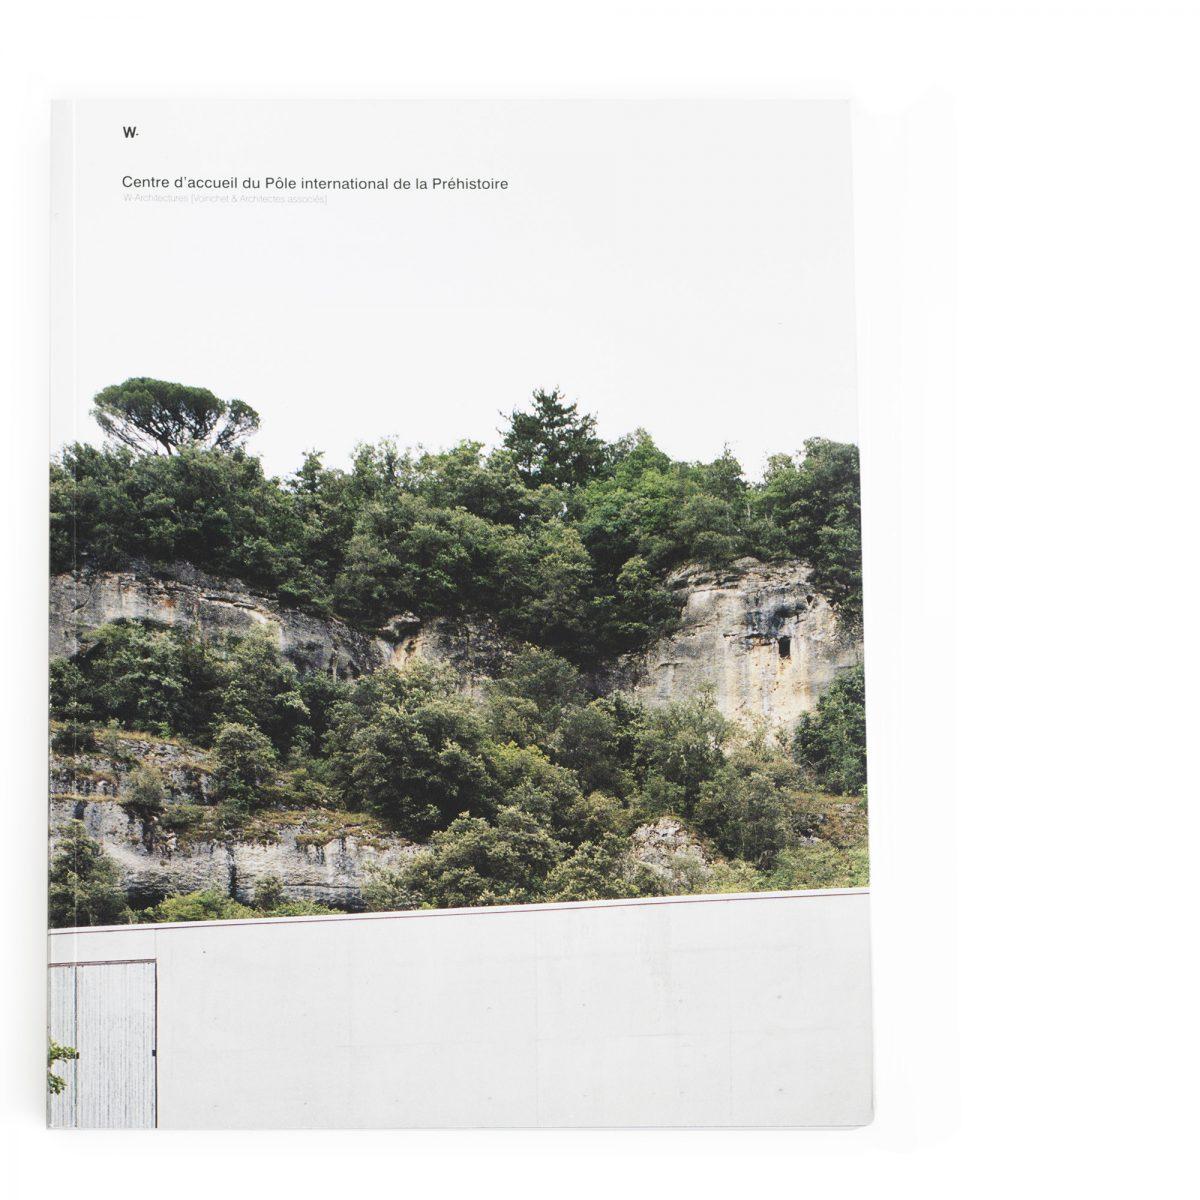 Centre d'accueil du Pôle international de la Préhistoire, Edition W-Architectures [Voinchet & Architectes associés], 2011